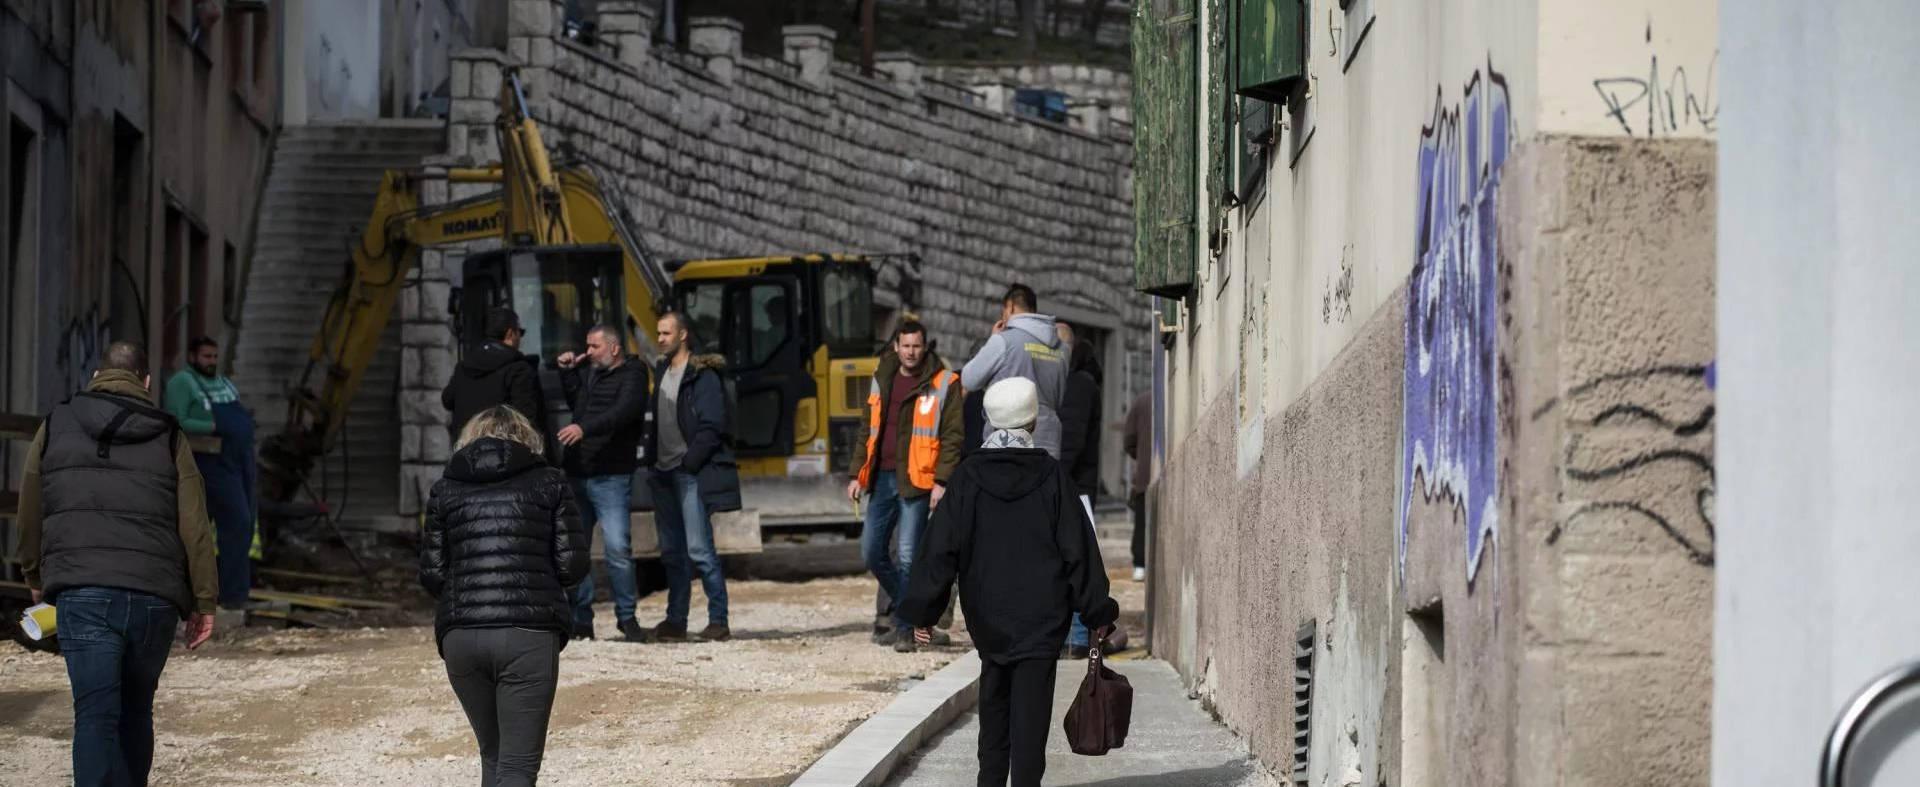 Bagav nogostup, Grad je reagirao na upit Slobodne Dalmacije